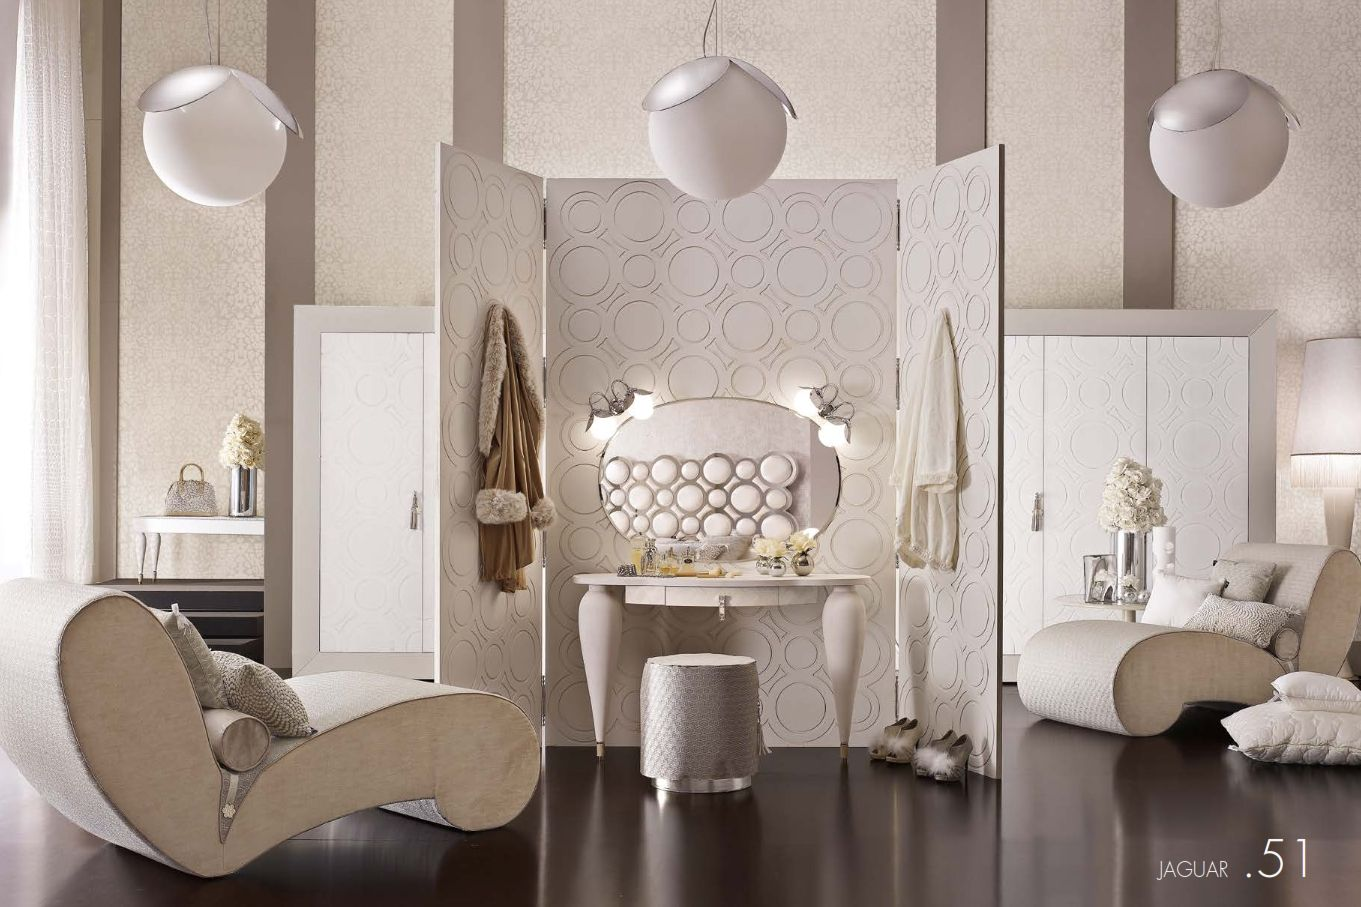 Luxus möbel   luxus schlafzimmer alta moda serie weiße jaguardie ...